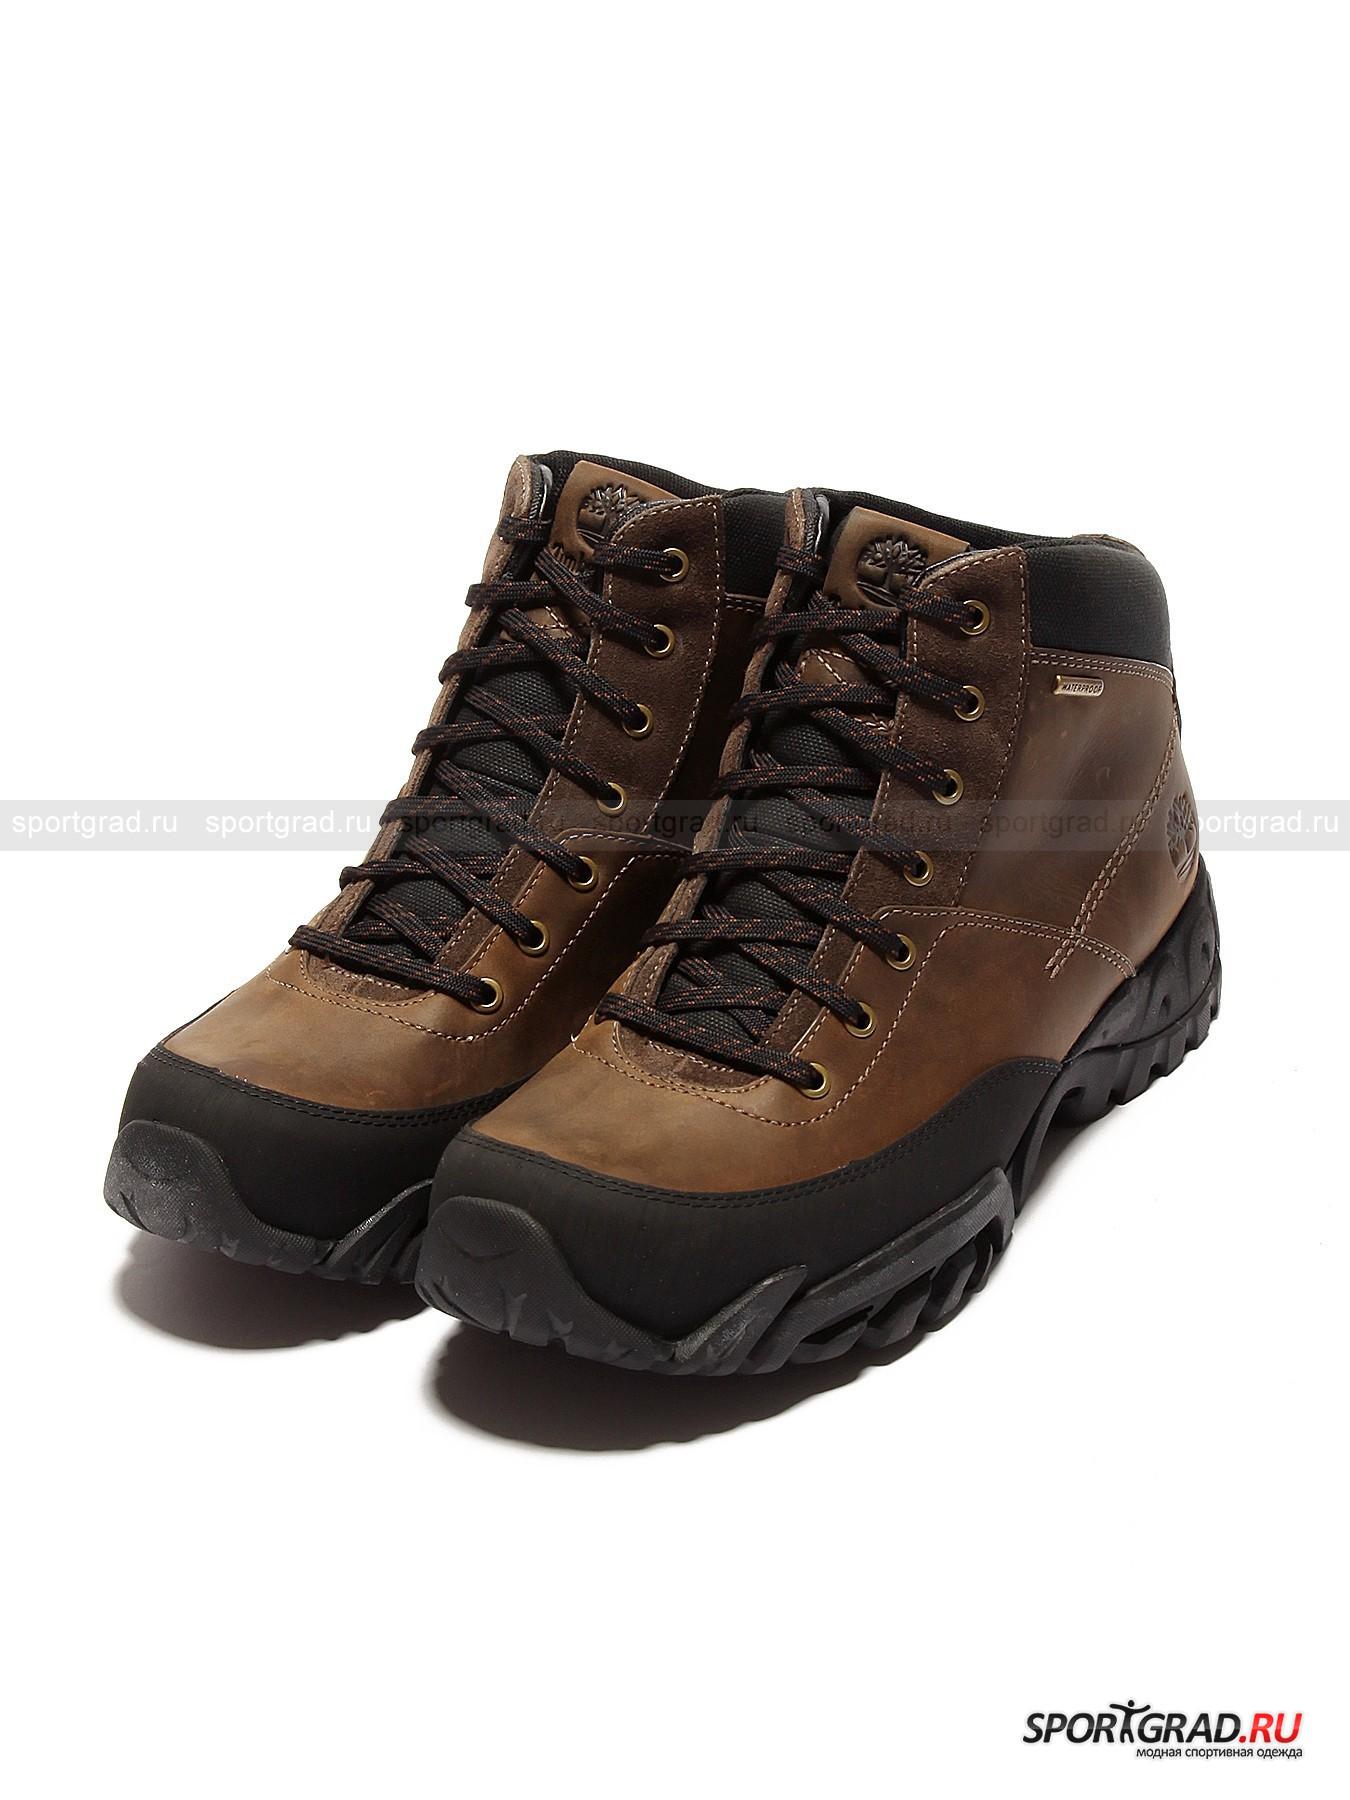 Ботинки мужские демисезонные TIMBERLAND из нубукаБотинки<br>Максимально практичные мужские ботинки Timberland с износостойкой экологичной подошвой и укрепленным мыском – для тех, кто хочет выходить на улицу исключительно в стильной брендовой обуви, но при этом не желает замочить по осени ног. Специальная водоотталкивающая пропитка нубука вкупе с отсутствием швов в месте соединения подошвы и верха изделия (применена технология опрессовки кожи под давлением) сделали модель неуязвимой для осадков и проникновения влаги внутрь. Сформировавшие «ребро жесткости» включения со стороны подметки наделили ботинки особой прочностью, которая пригодится, если, к примеру, Вы решите обуть ботинки за город.<br> <br>Модель имеет:<br>- служащий лучшему прилеганию язычок на мягкой «подушечке», дополненный петлей, сквозь которую также можно пропустить концы шнура;<br>- фигурный срез голенища, для большего комфорта посадки подбитого хорошо удерживающим тепло упругим материалом;<br>- нержавеющую металлическую фурнитуру; <br>- съемную антистрессовую стельку, разгружающую ногу при ходьбе; <br>- подошву Anti-Fatigue, воздушные карманы которой помогают правильно распределить давление и помочь стопе дольше не уставать;<br>-  рельефную подметку с протектором Gripstick, гарантирующим устойчивость на влажном асфальте;<br>- гарнирование в виде декоративной прострочки и фирменной эмблемы сбоку на пятке + язычке.<br><br>Пол: Мужской<br>Возраст: Взрослый<br>Тип: Ботинки<br>Состав: Верх: нубук + текстиль. Подкладка и стелька: текстиль. Подошва: искусственные материалы.